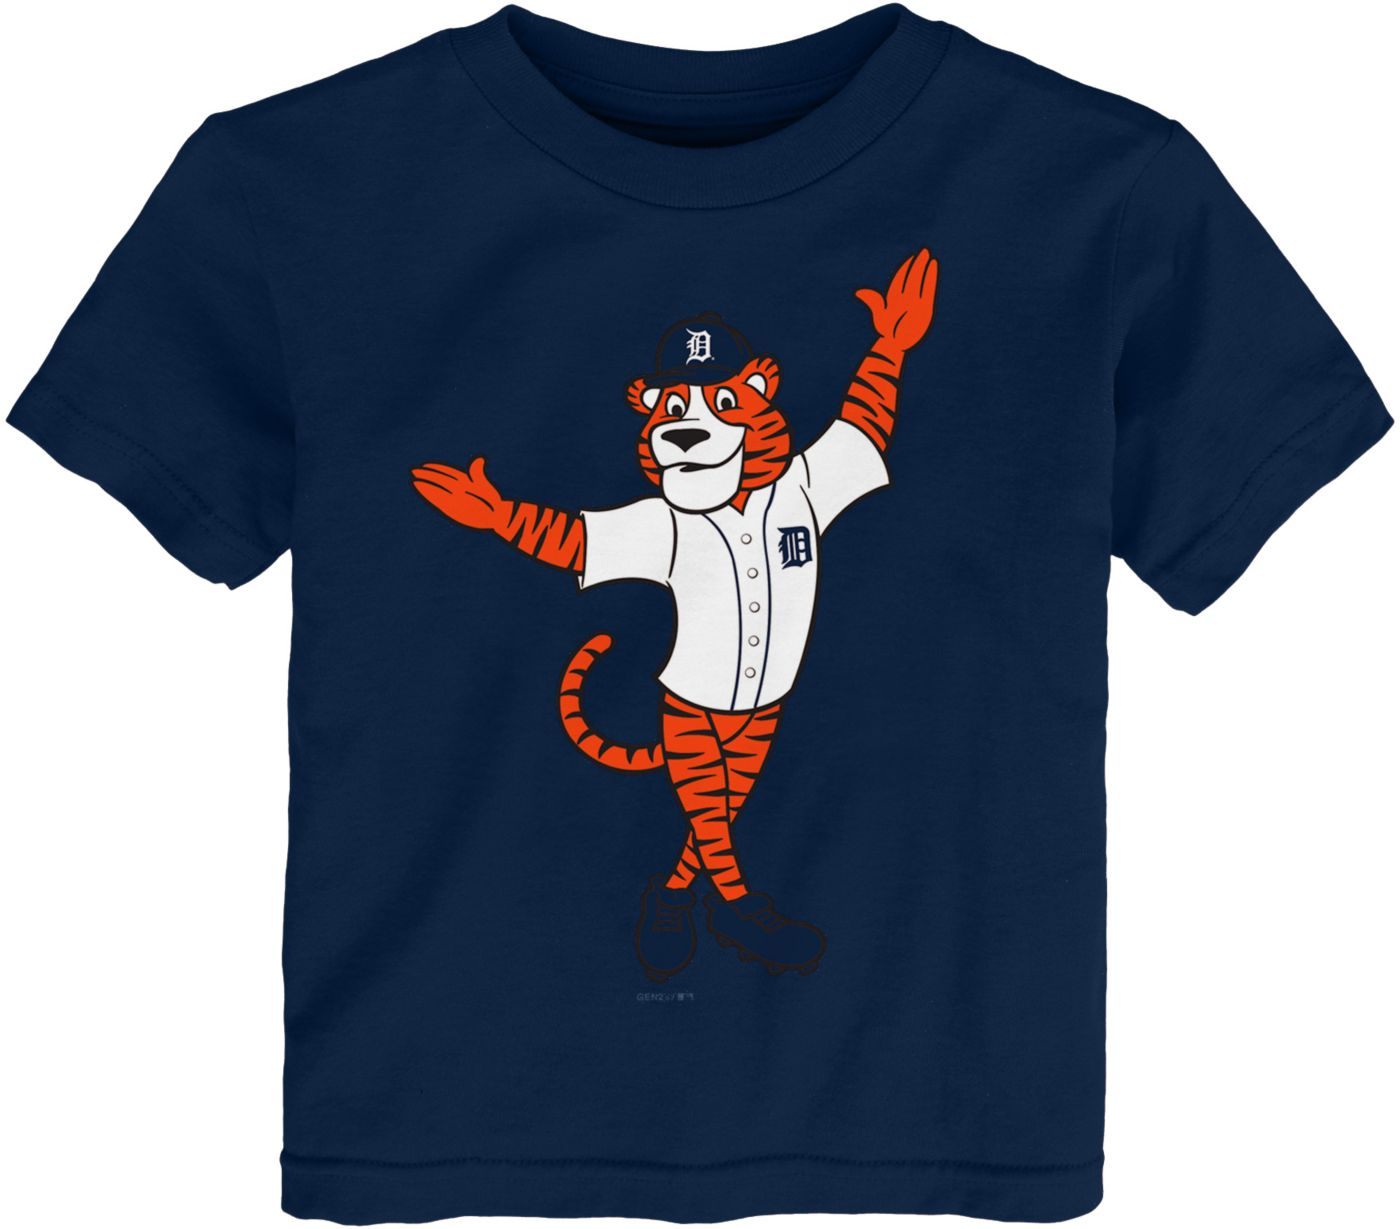 Gen2 Toddler Detroit Tigers Mascot T-Shirt